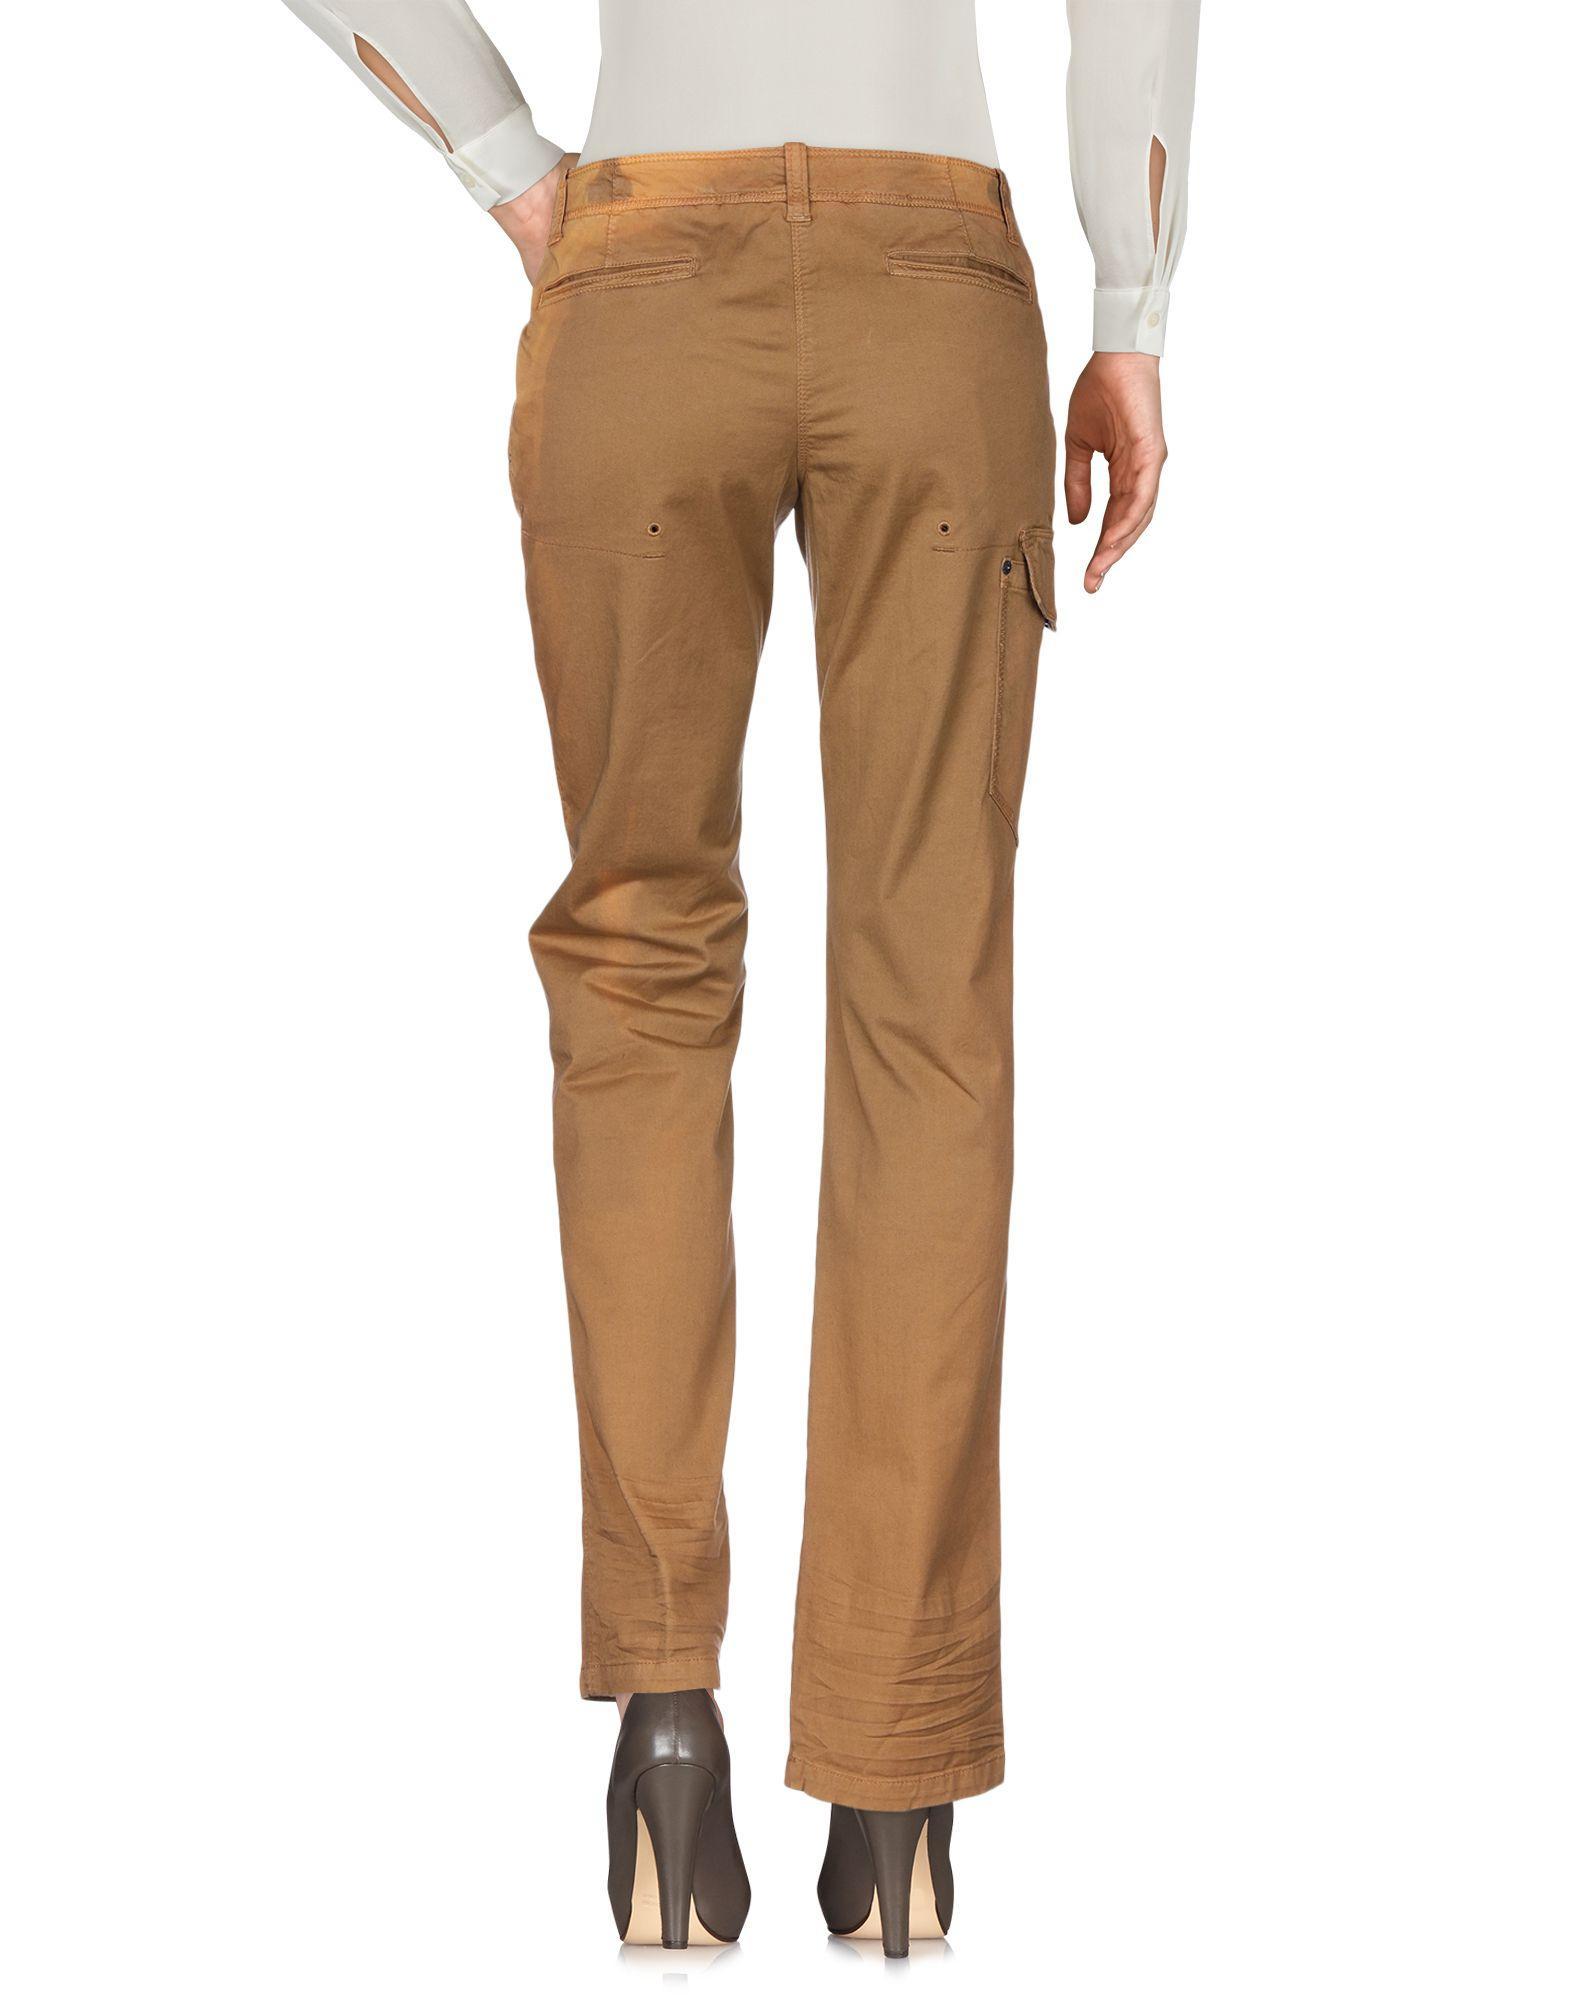 Pantalones Napapijri de Algodón de color Marrón